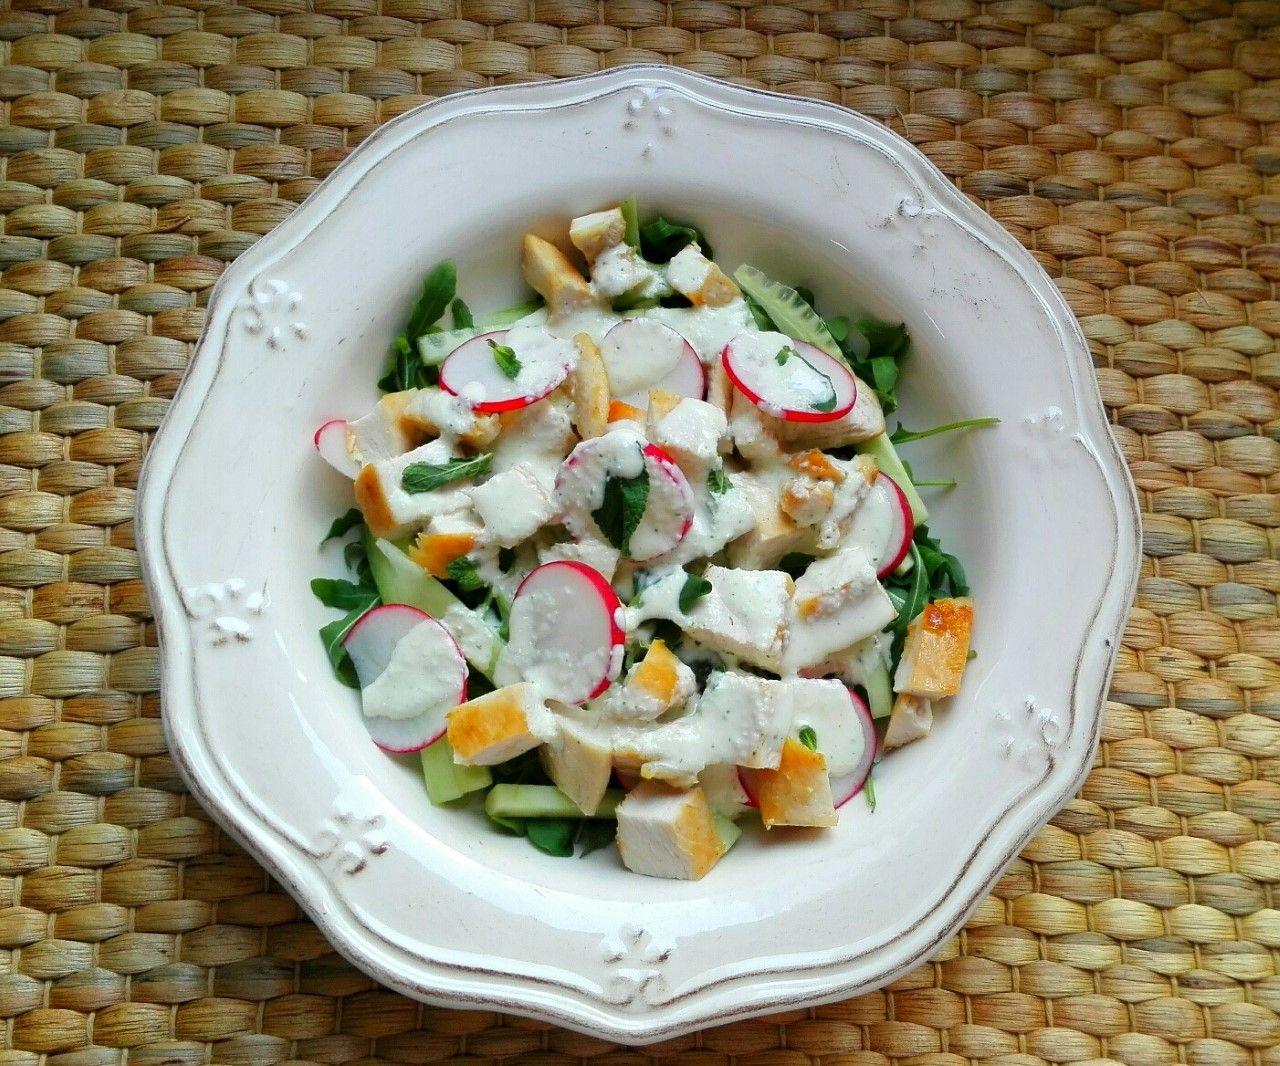 Ensalada de pollo con pepino y salsa de menta